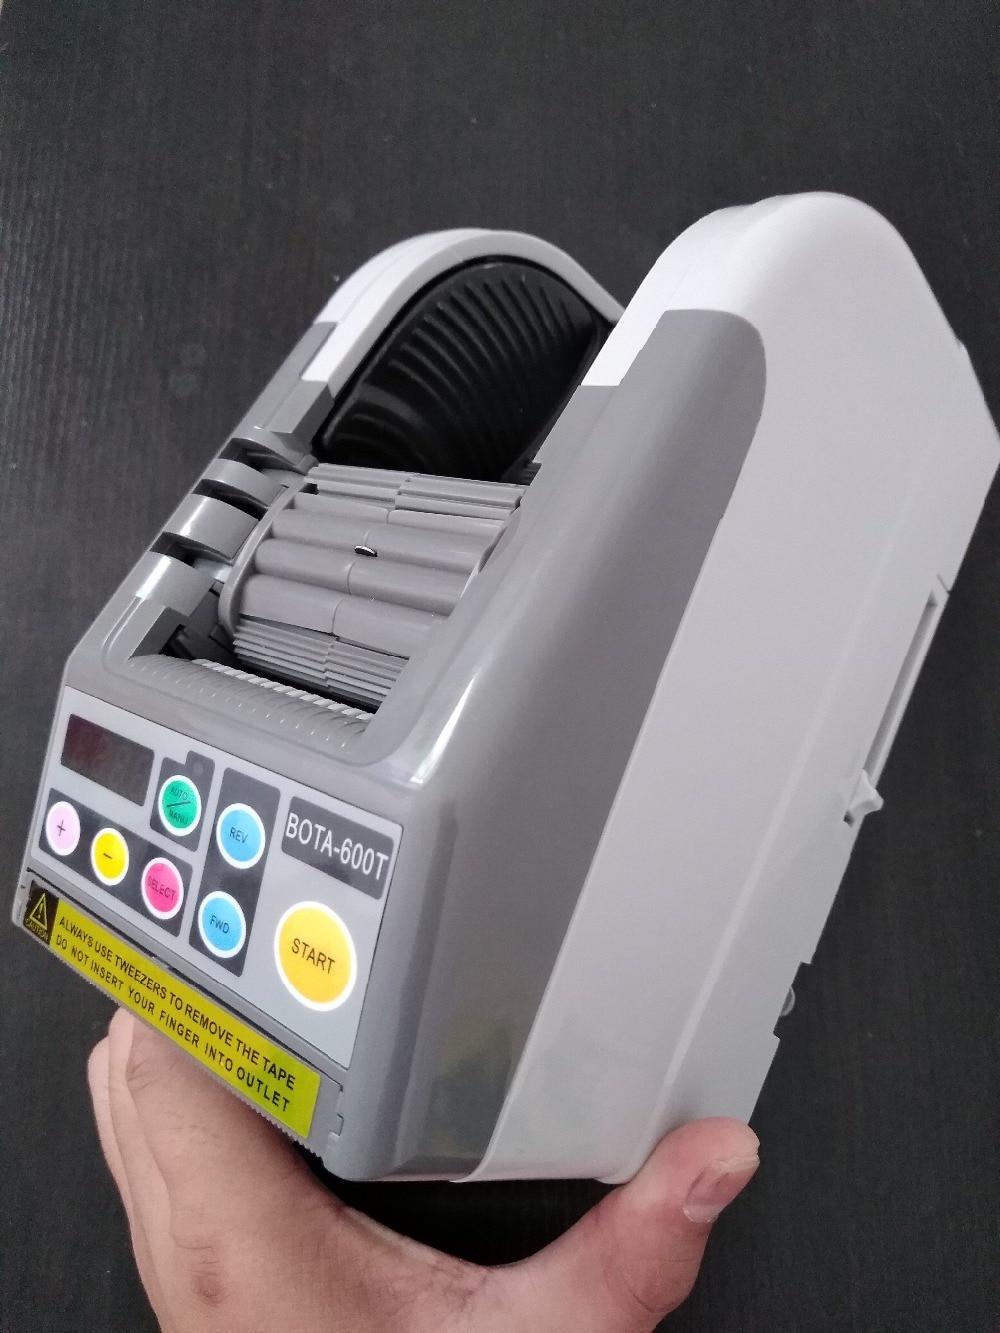 Dispensador automático de cinta para microordenador BOTA-600T, ancho - Accesorios para herramientas eléctricas - foto 2